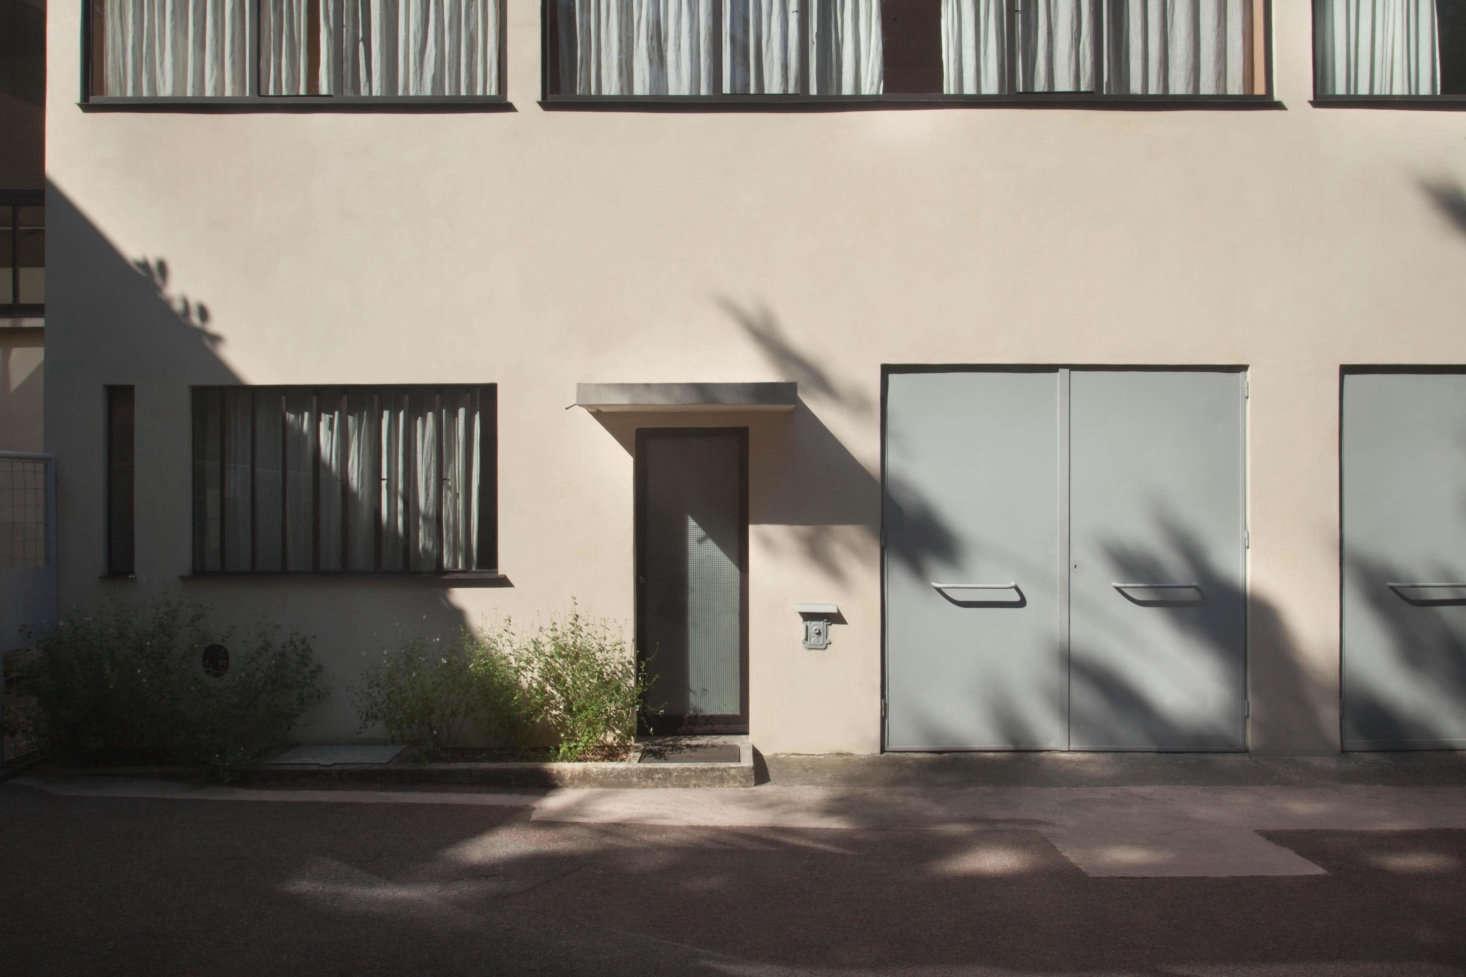 Maison La Roche Corbusier Paris 12 design lessons from le corbusier's maison la roche in